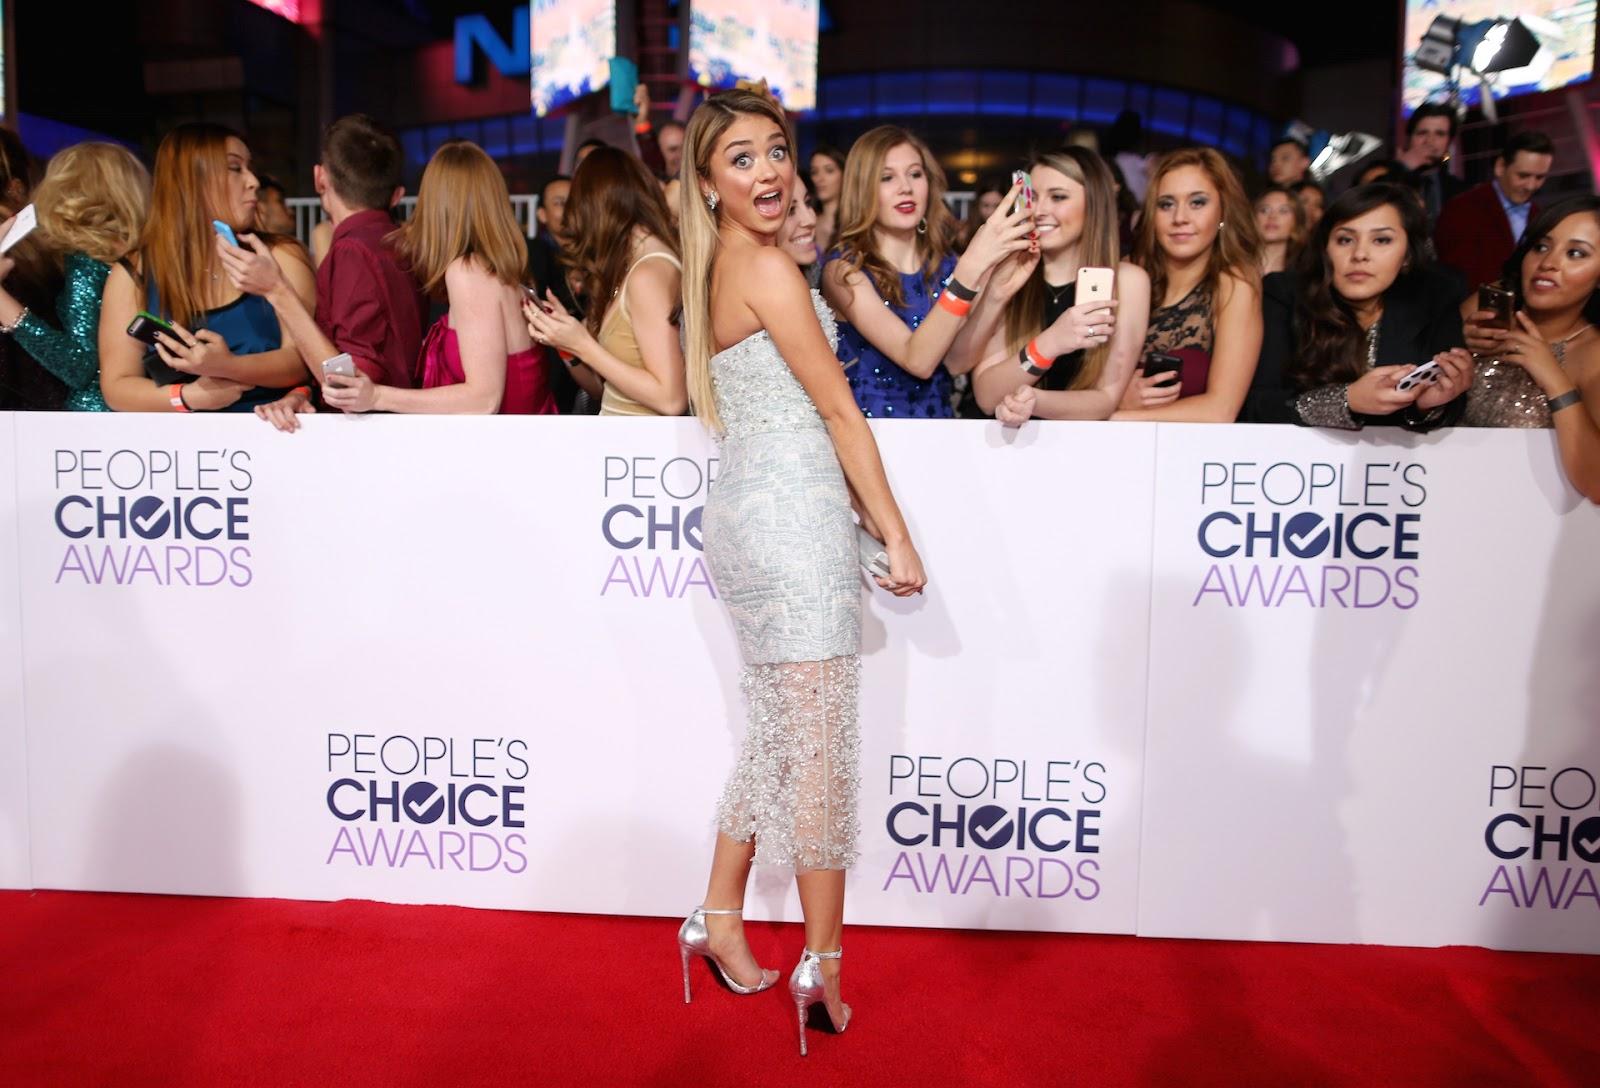 الممثلة الأمريكية سارة هايلاند خلال حفل توزيع جوائز Annual People's Choice Awards